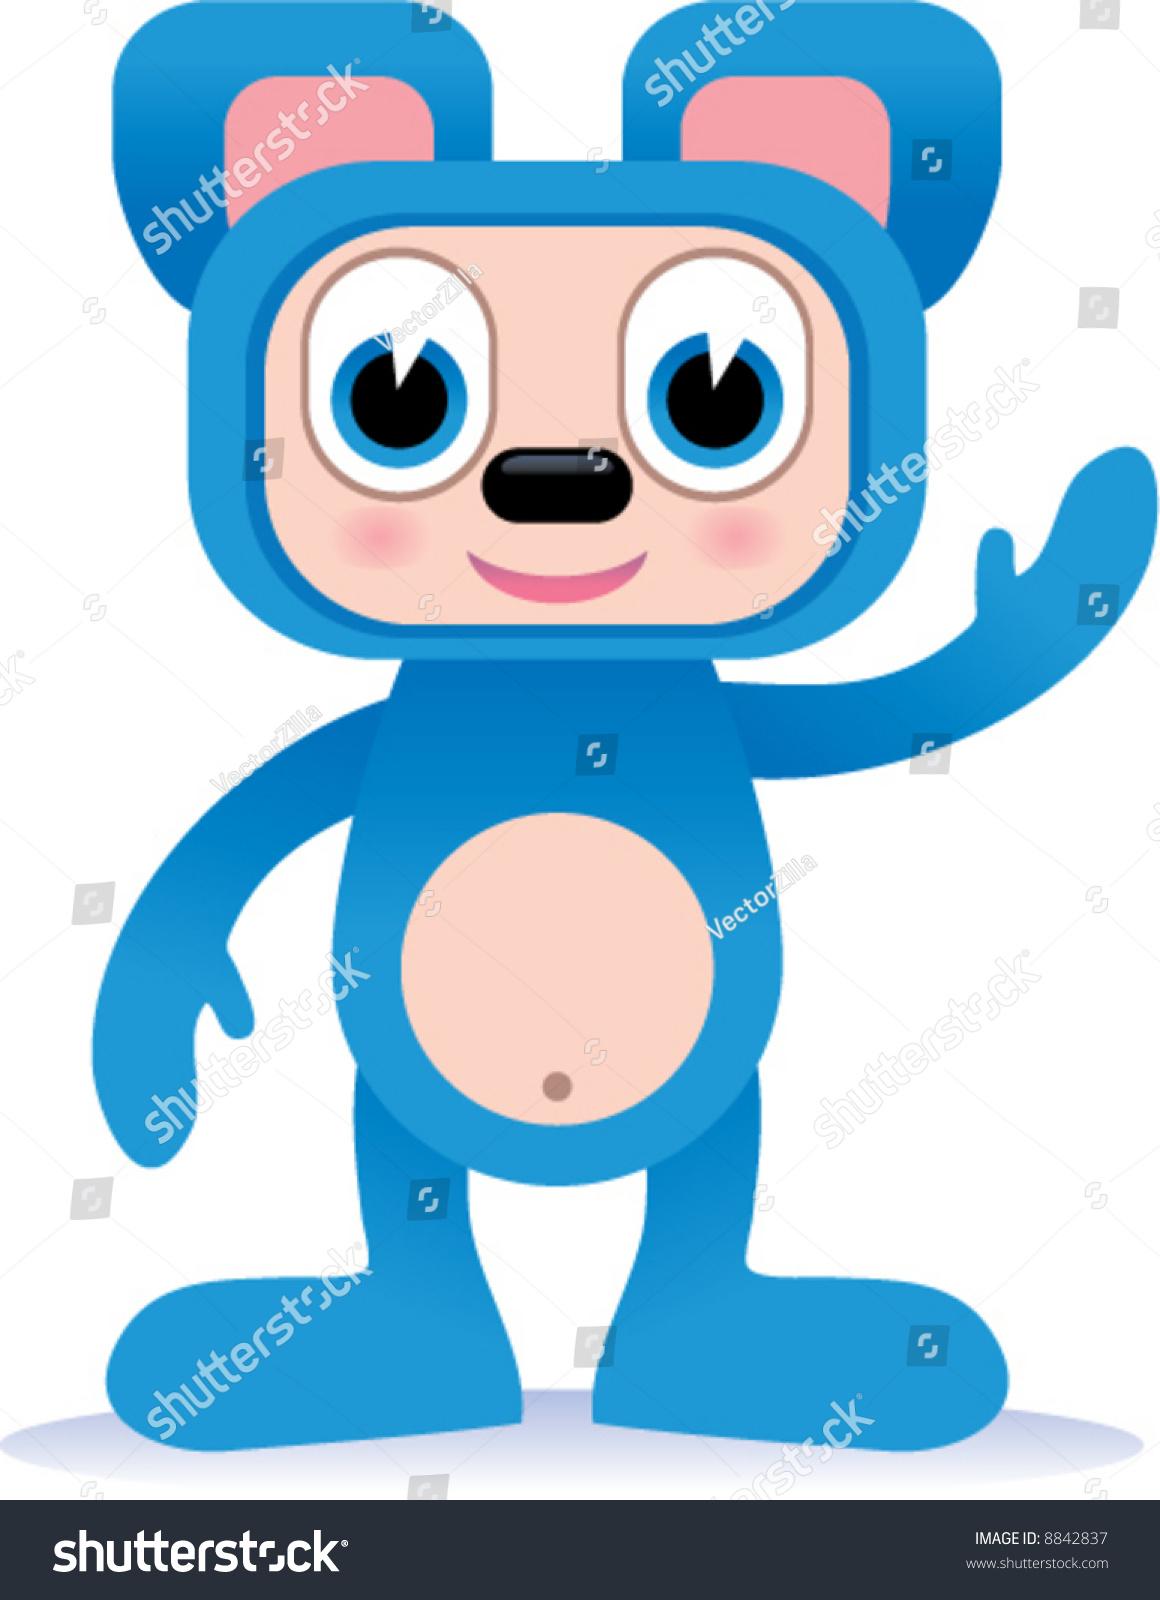 可爱的蓝色动物身体适合人物矢量图-动物/野生生物